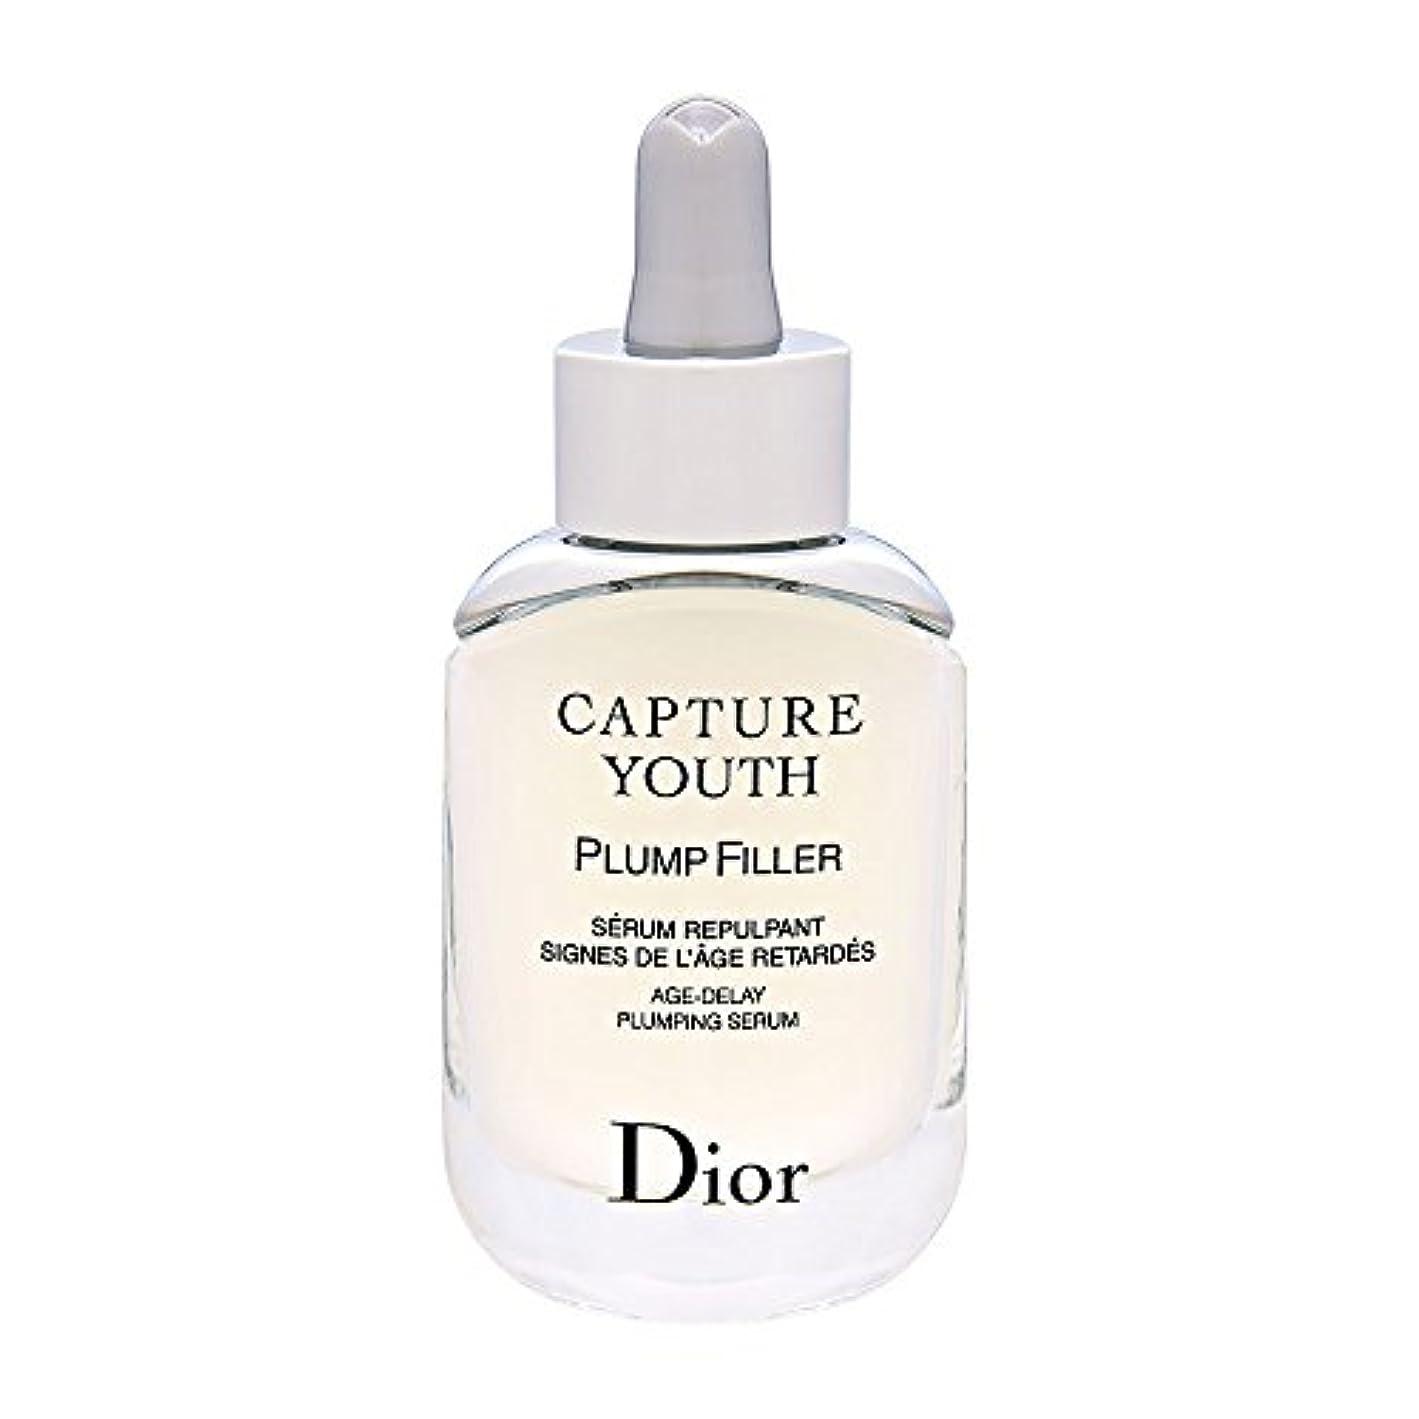 黒人文明化するホームクリスチャンディオール Christian Dior カプチュール ユース プランプフィラー 30mL [並行輸入品]